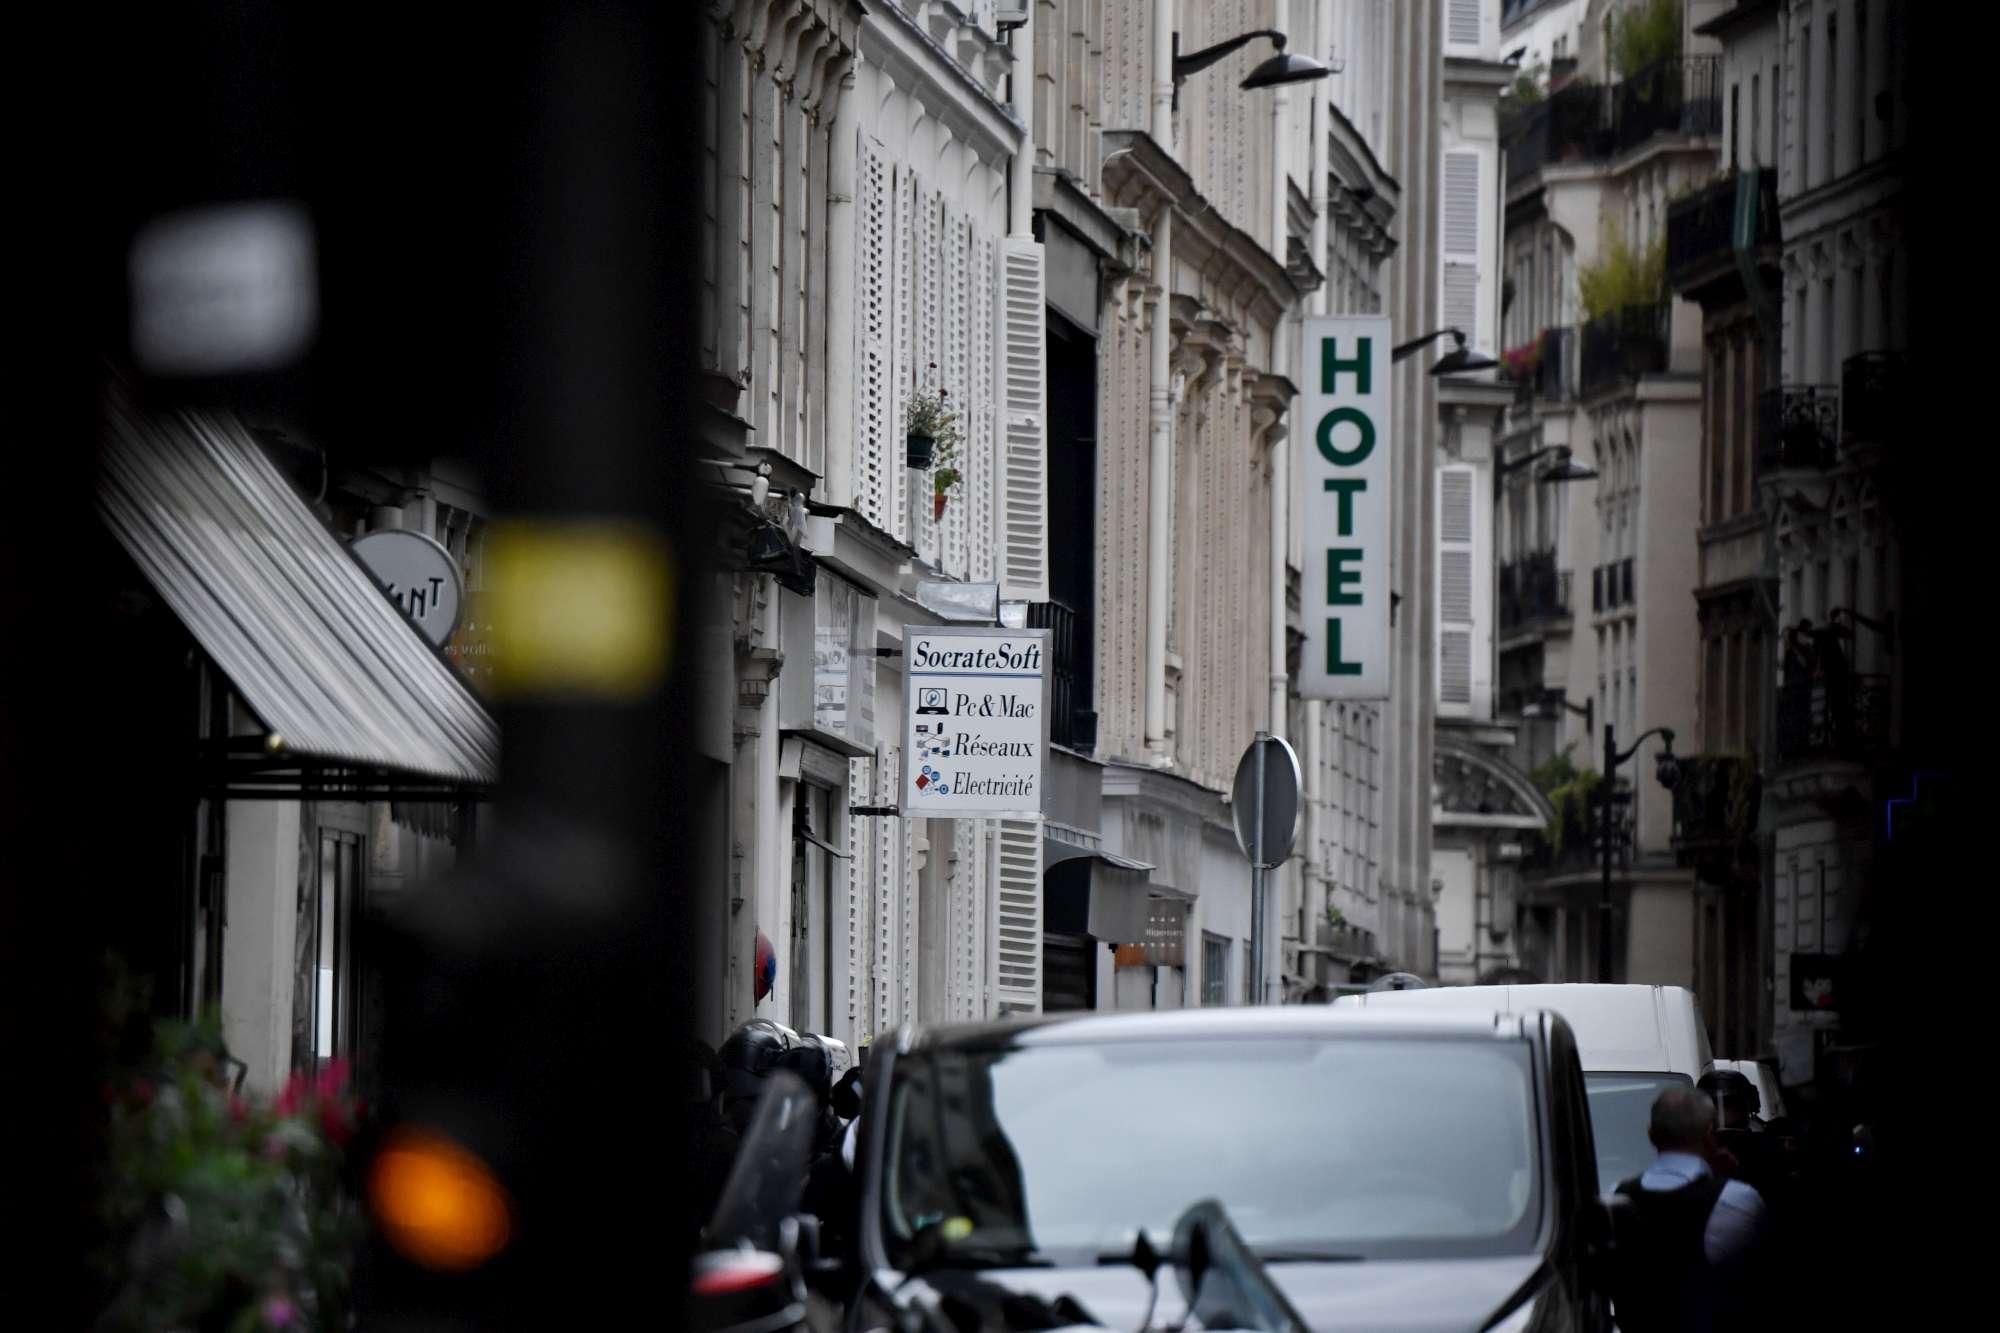 Terrore a Parigi, uomo prende ostaggi